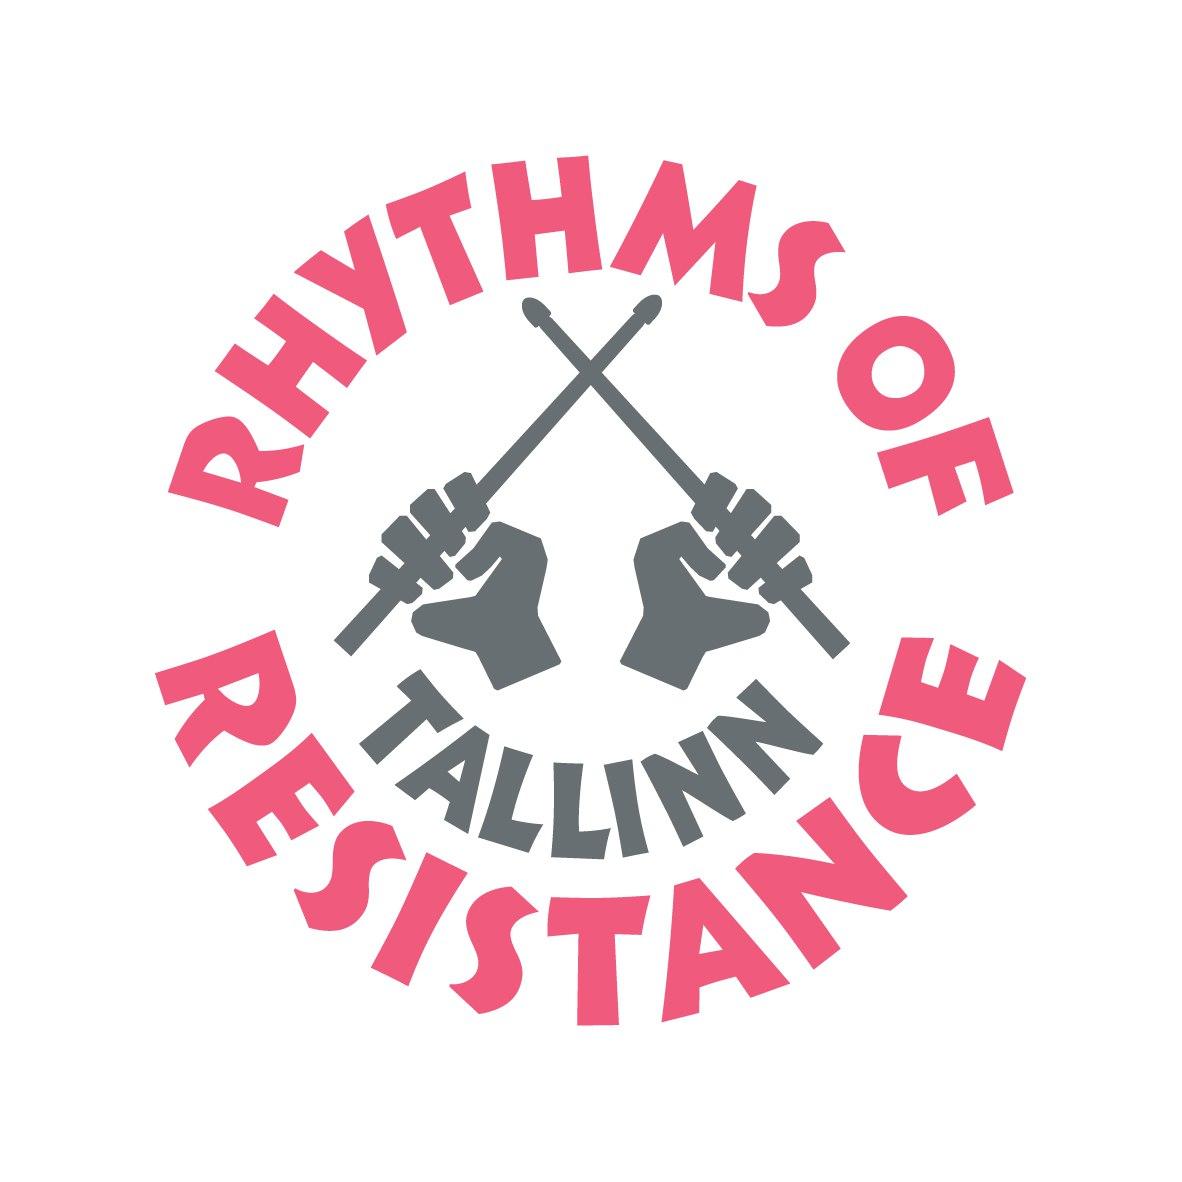 Rhythms of Resistance Tallinn